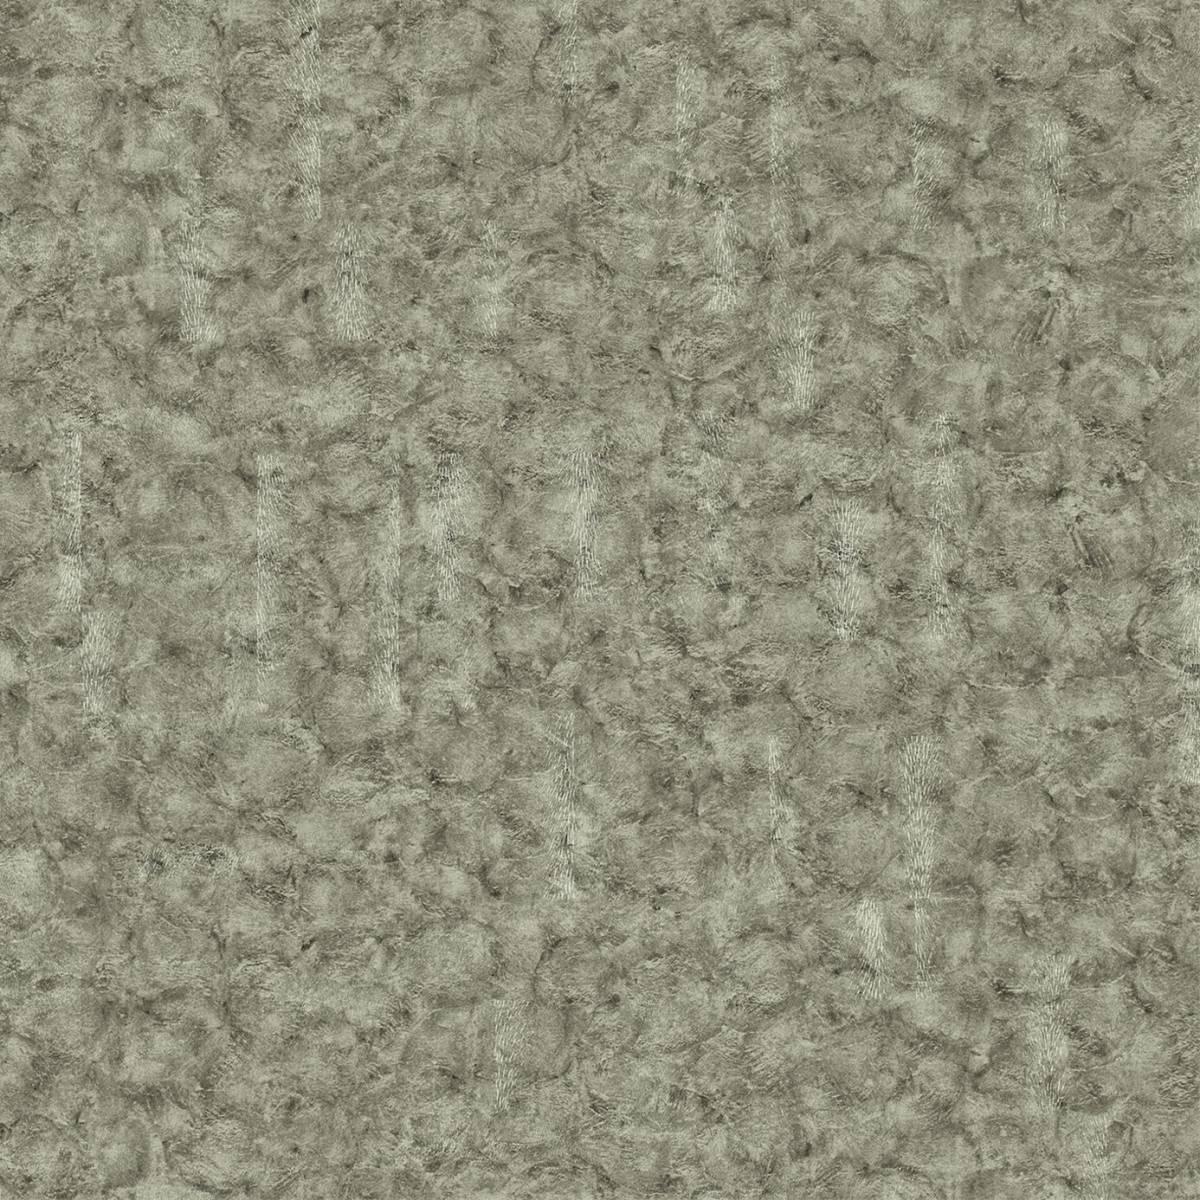 Marble Wallpaper Truffle 110759 Anthology Anthology